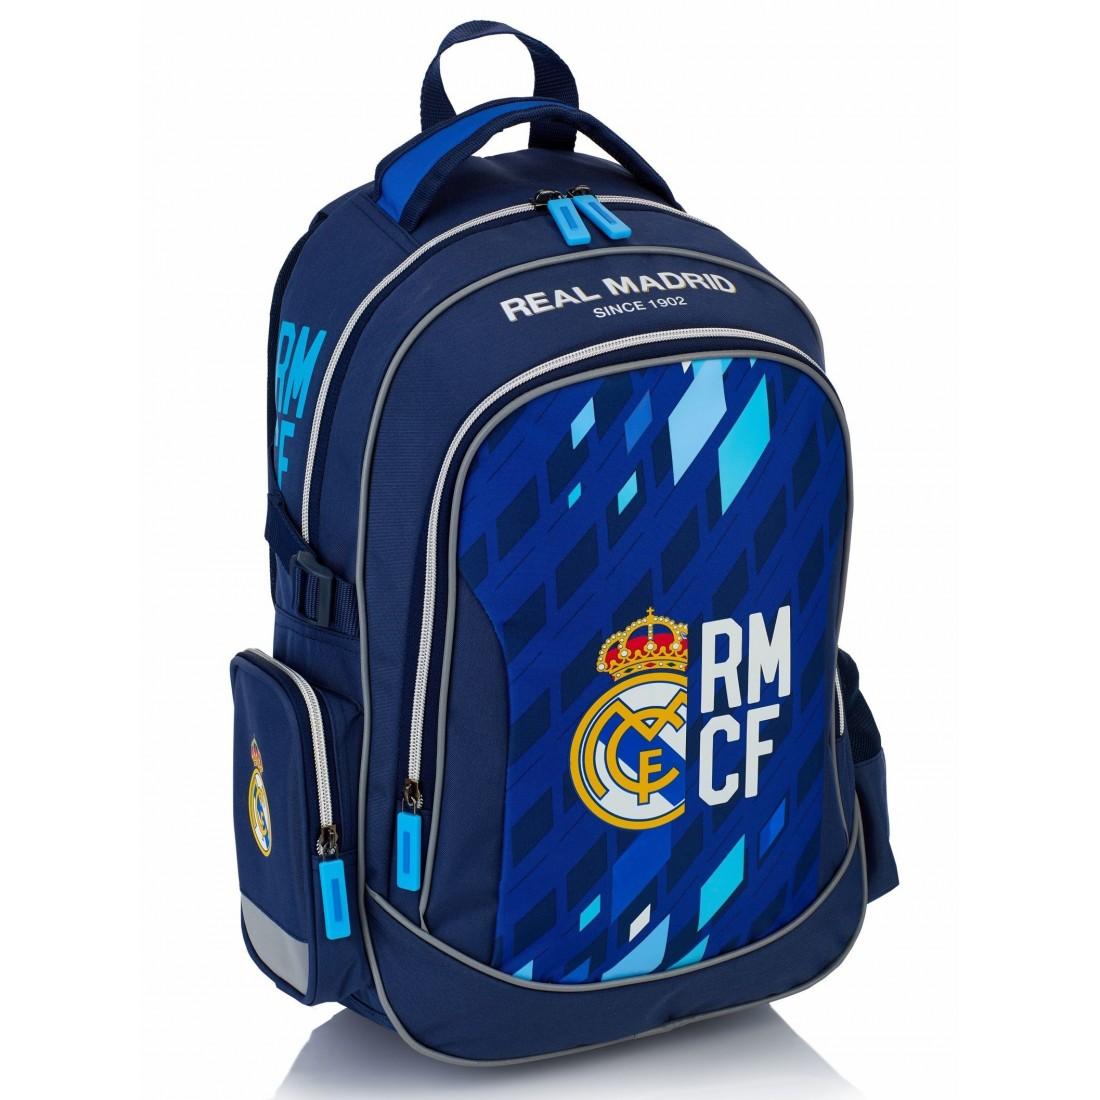 909ee2e4c4e2f Plecak młodzieżowy Real Madryt granatowy do szkoły granatowo - niebieski -  RM-122